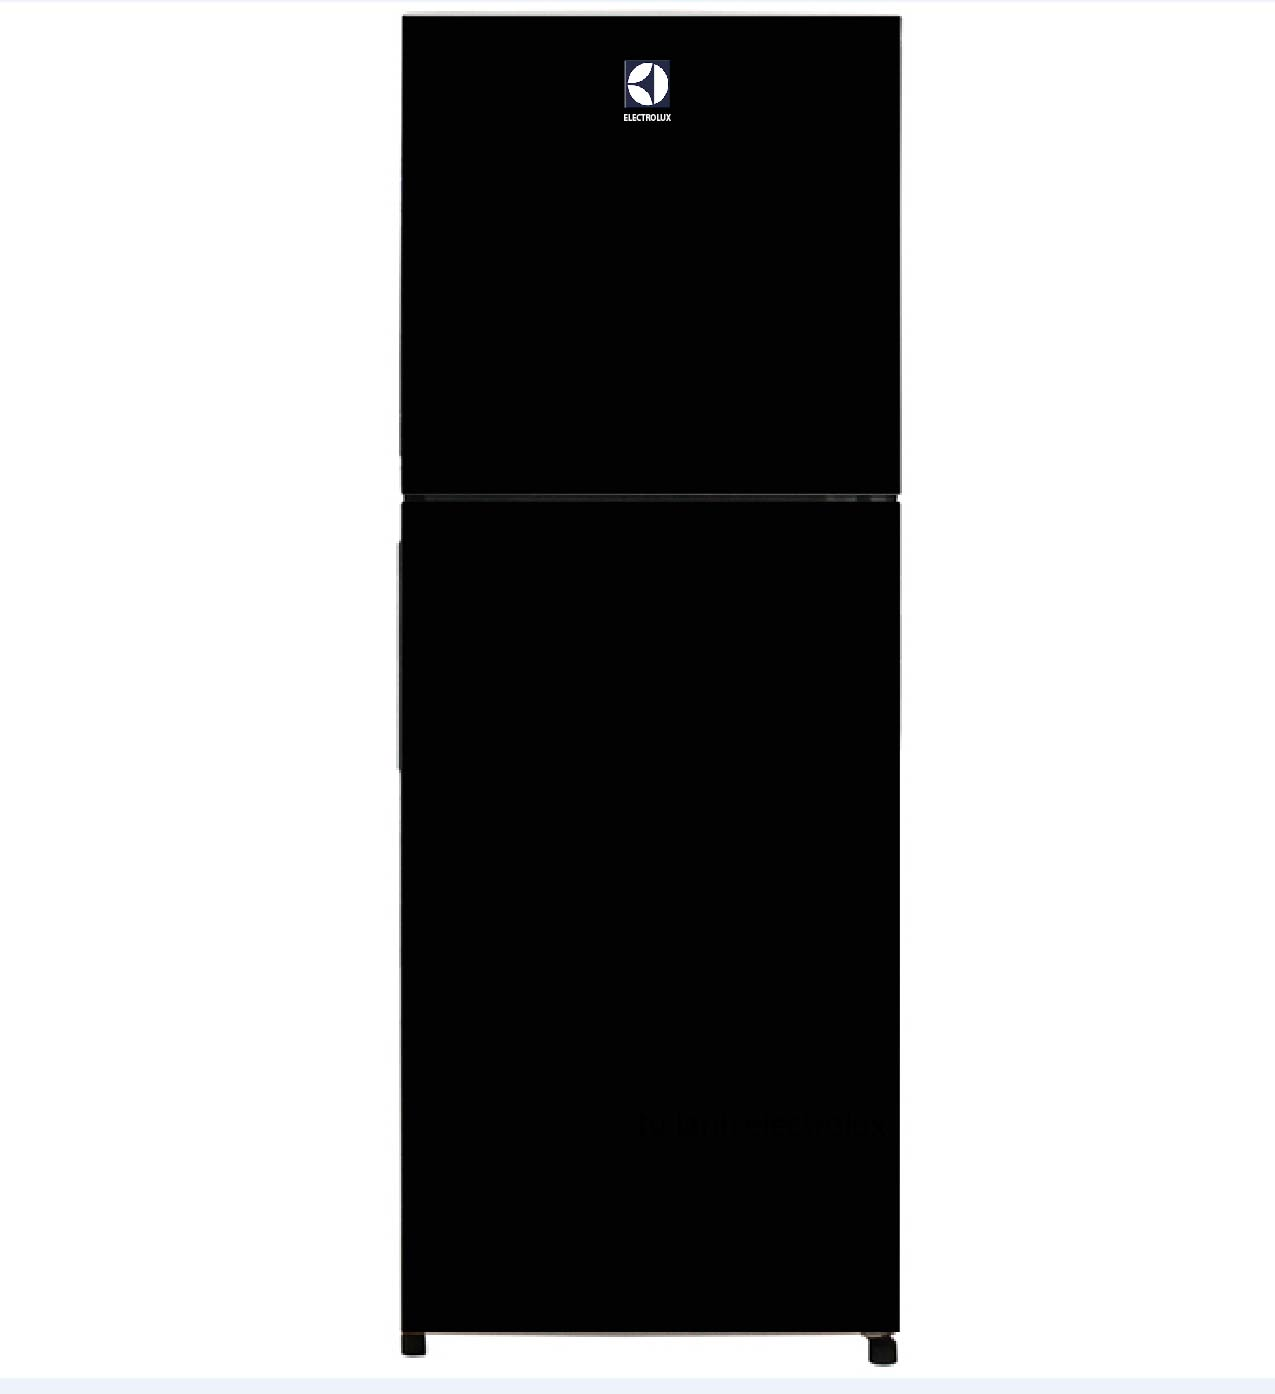 Tủ lạnh Electrolux ETB3200BG tồn tại